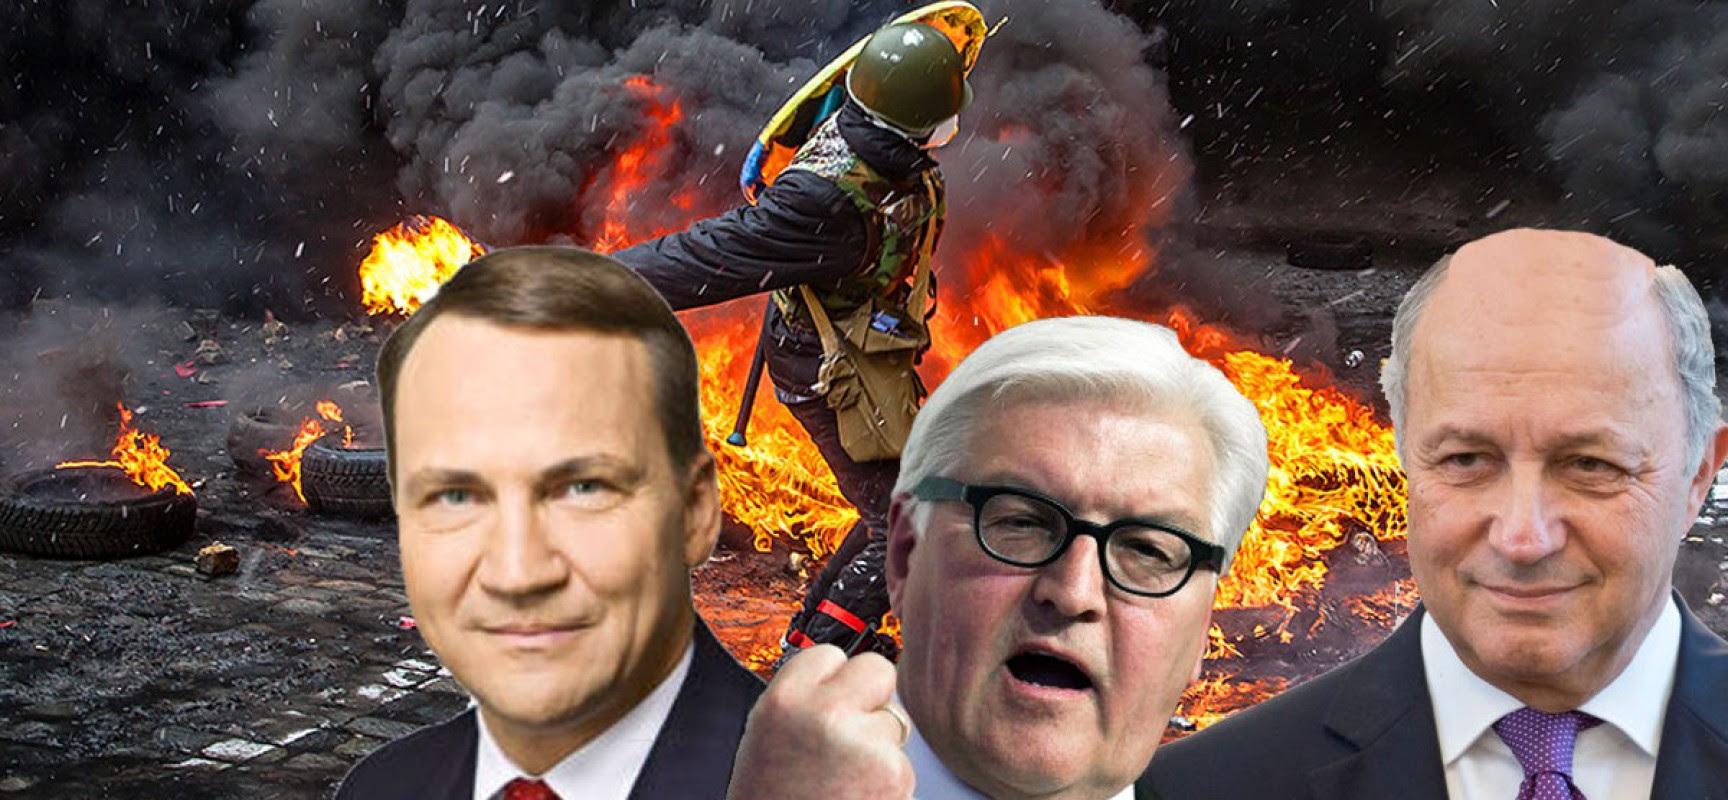 Les ministres des Affaires étrangères d'Allemagne, de France et de Pologne, convoqués devant un tribunal russe !